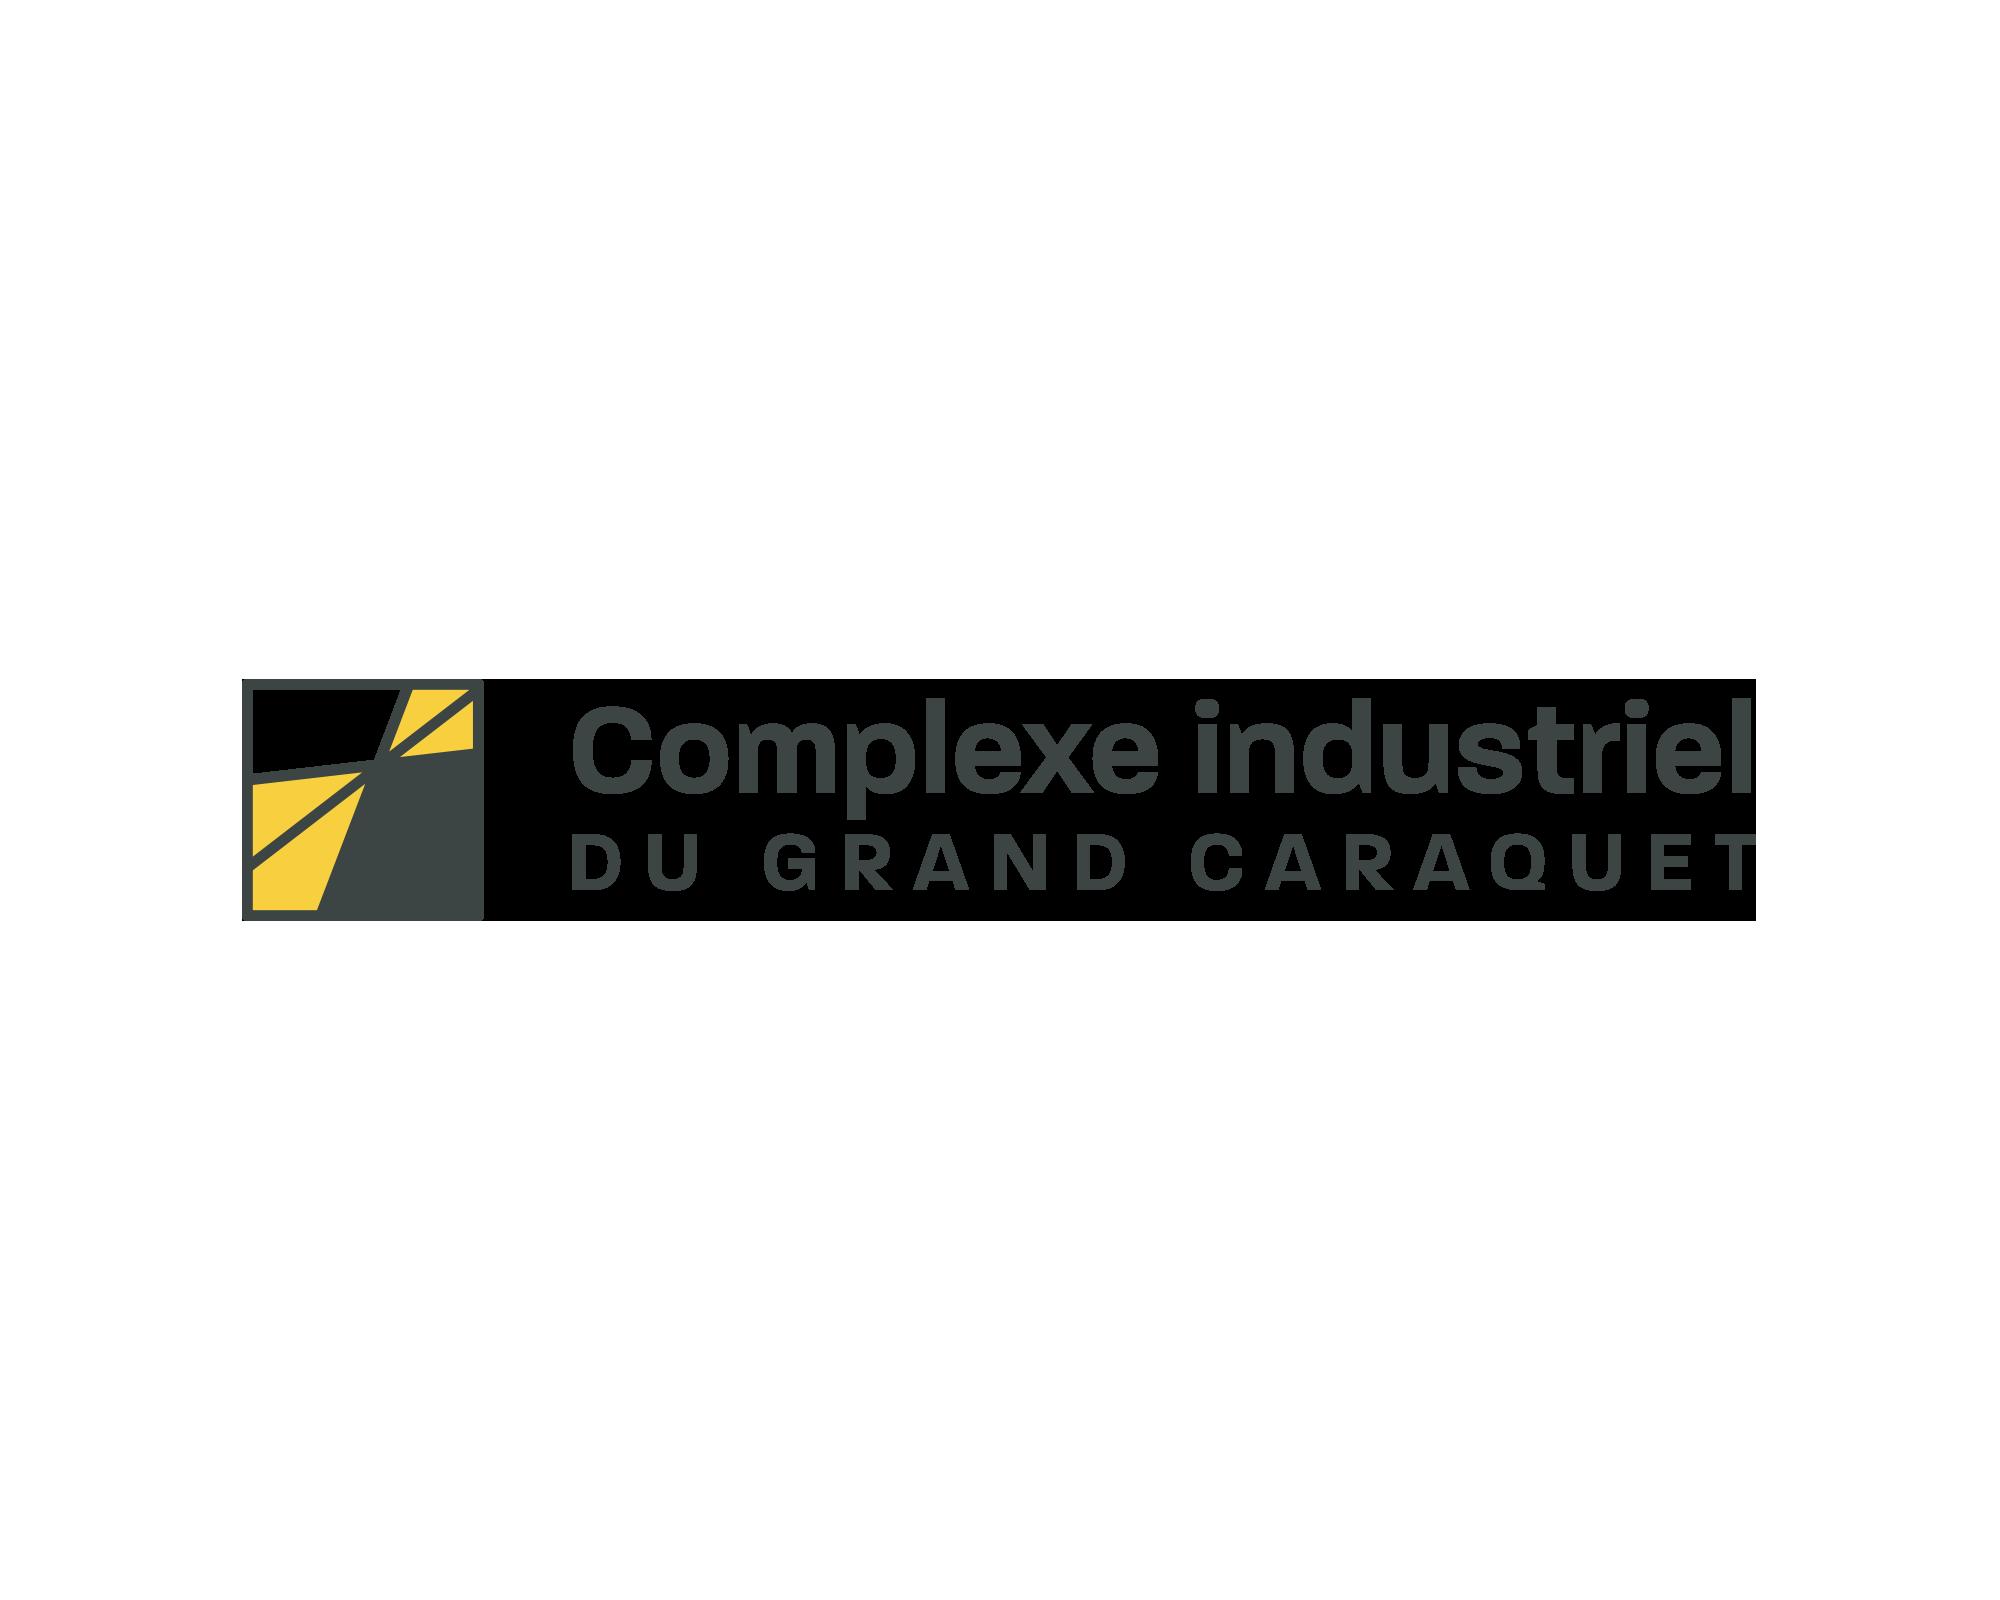 cigc-logo.png